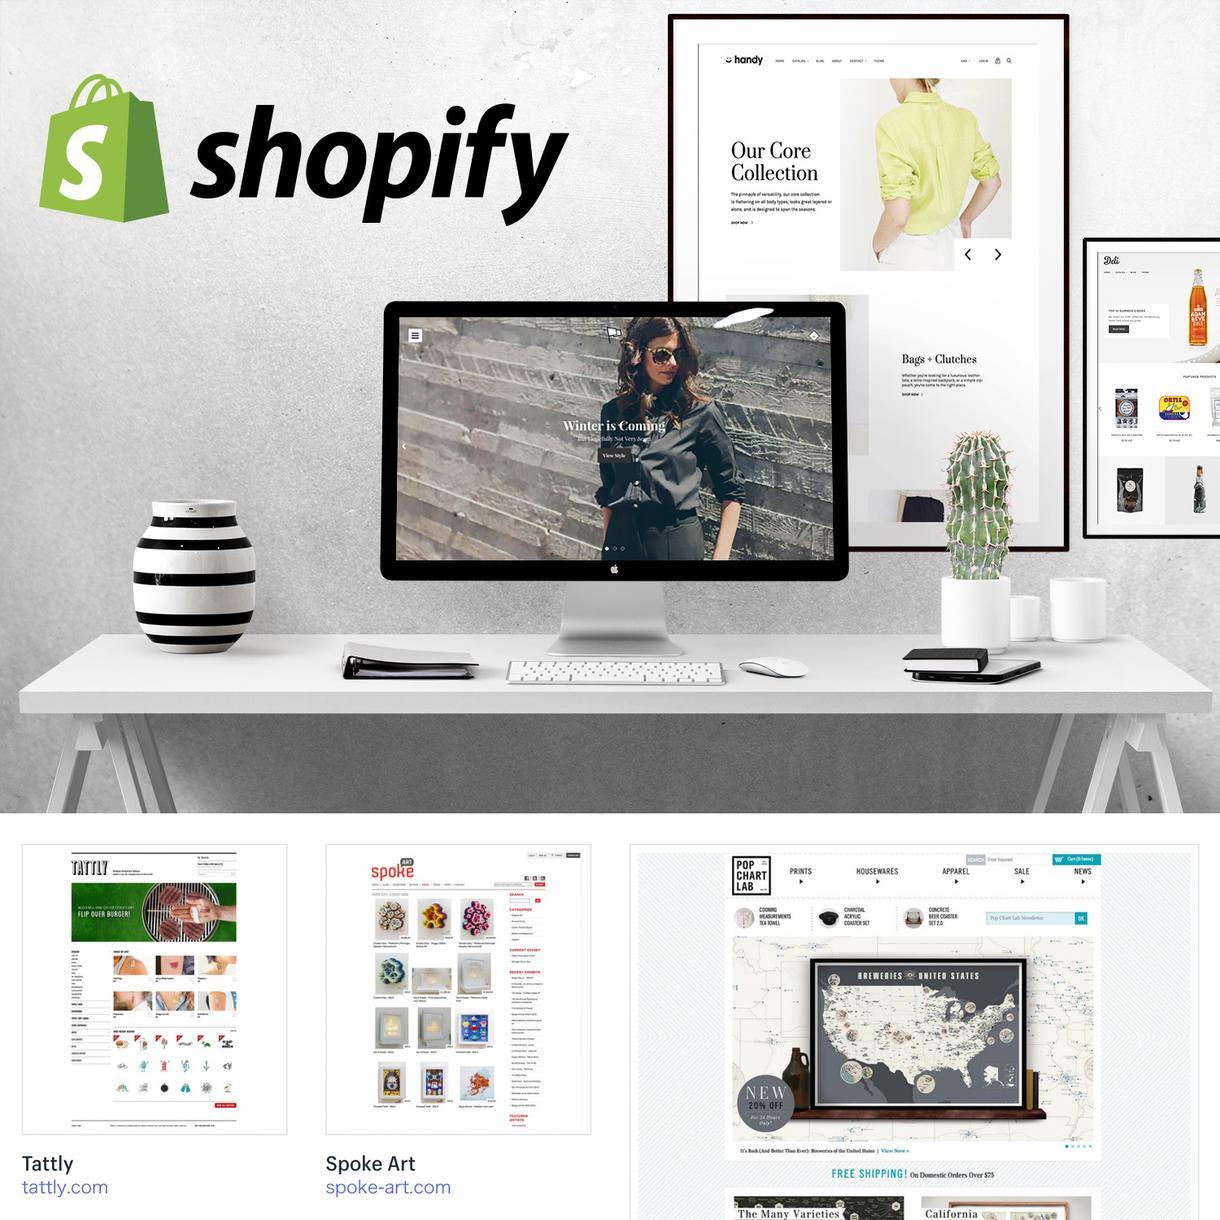 ShopifyでECサイトネットショップ作成します 本格的でおしゃれなネットショップを持ちたい方におすすめです!